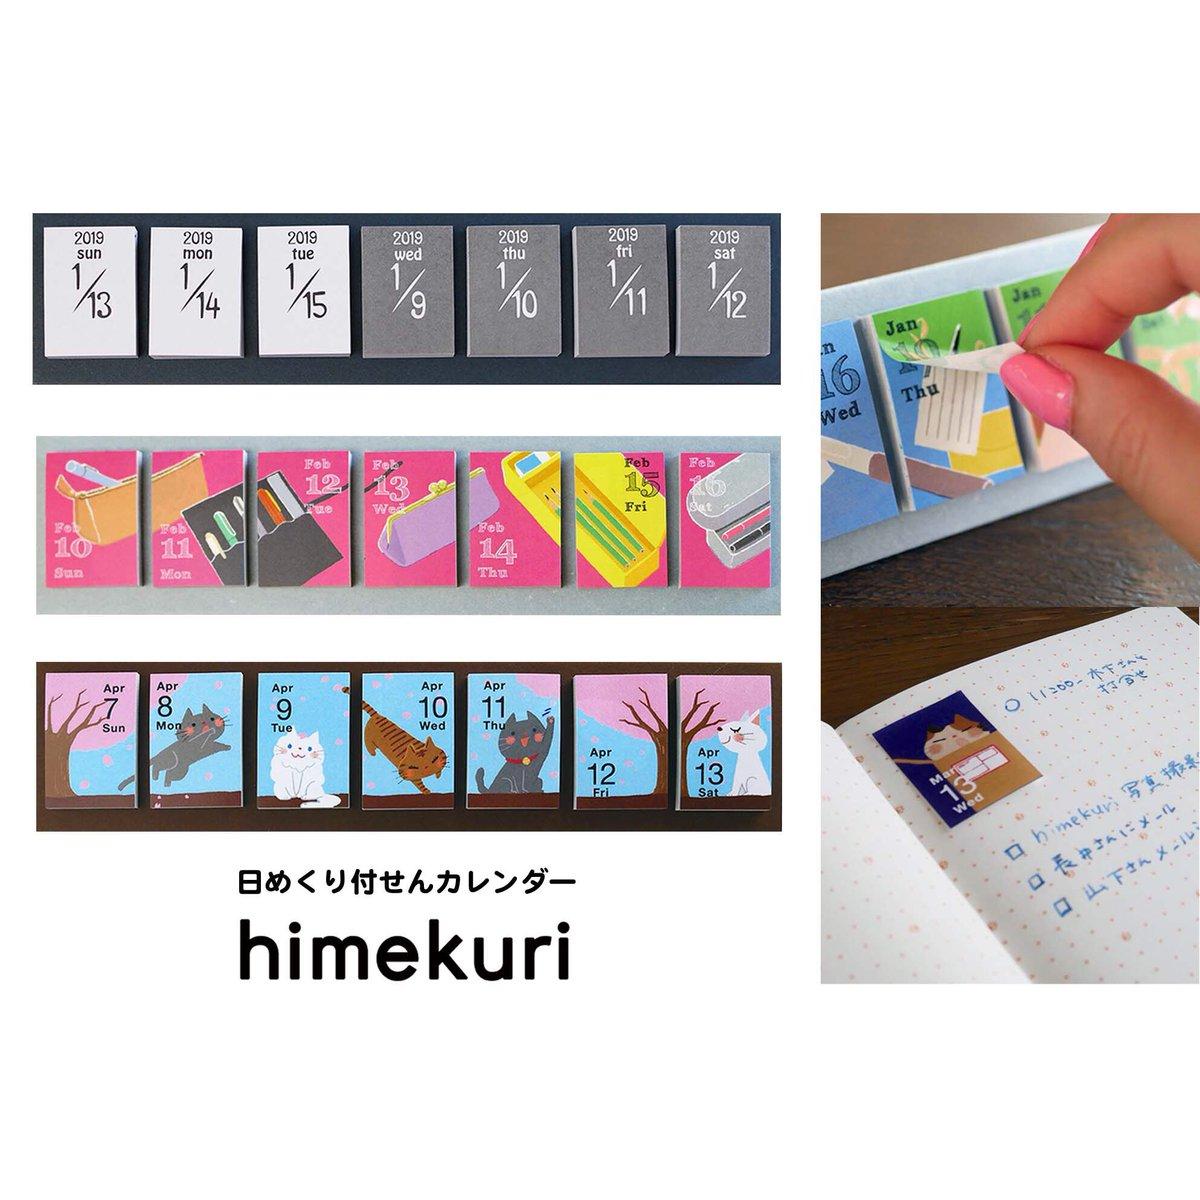 2018日本文具大賞得獎作品himekuri便條小桌曆